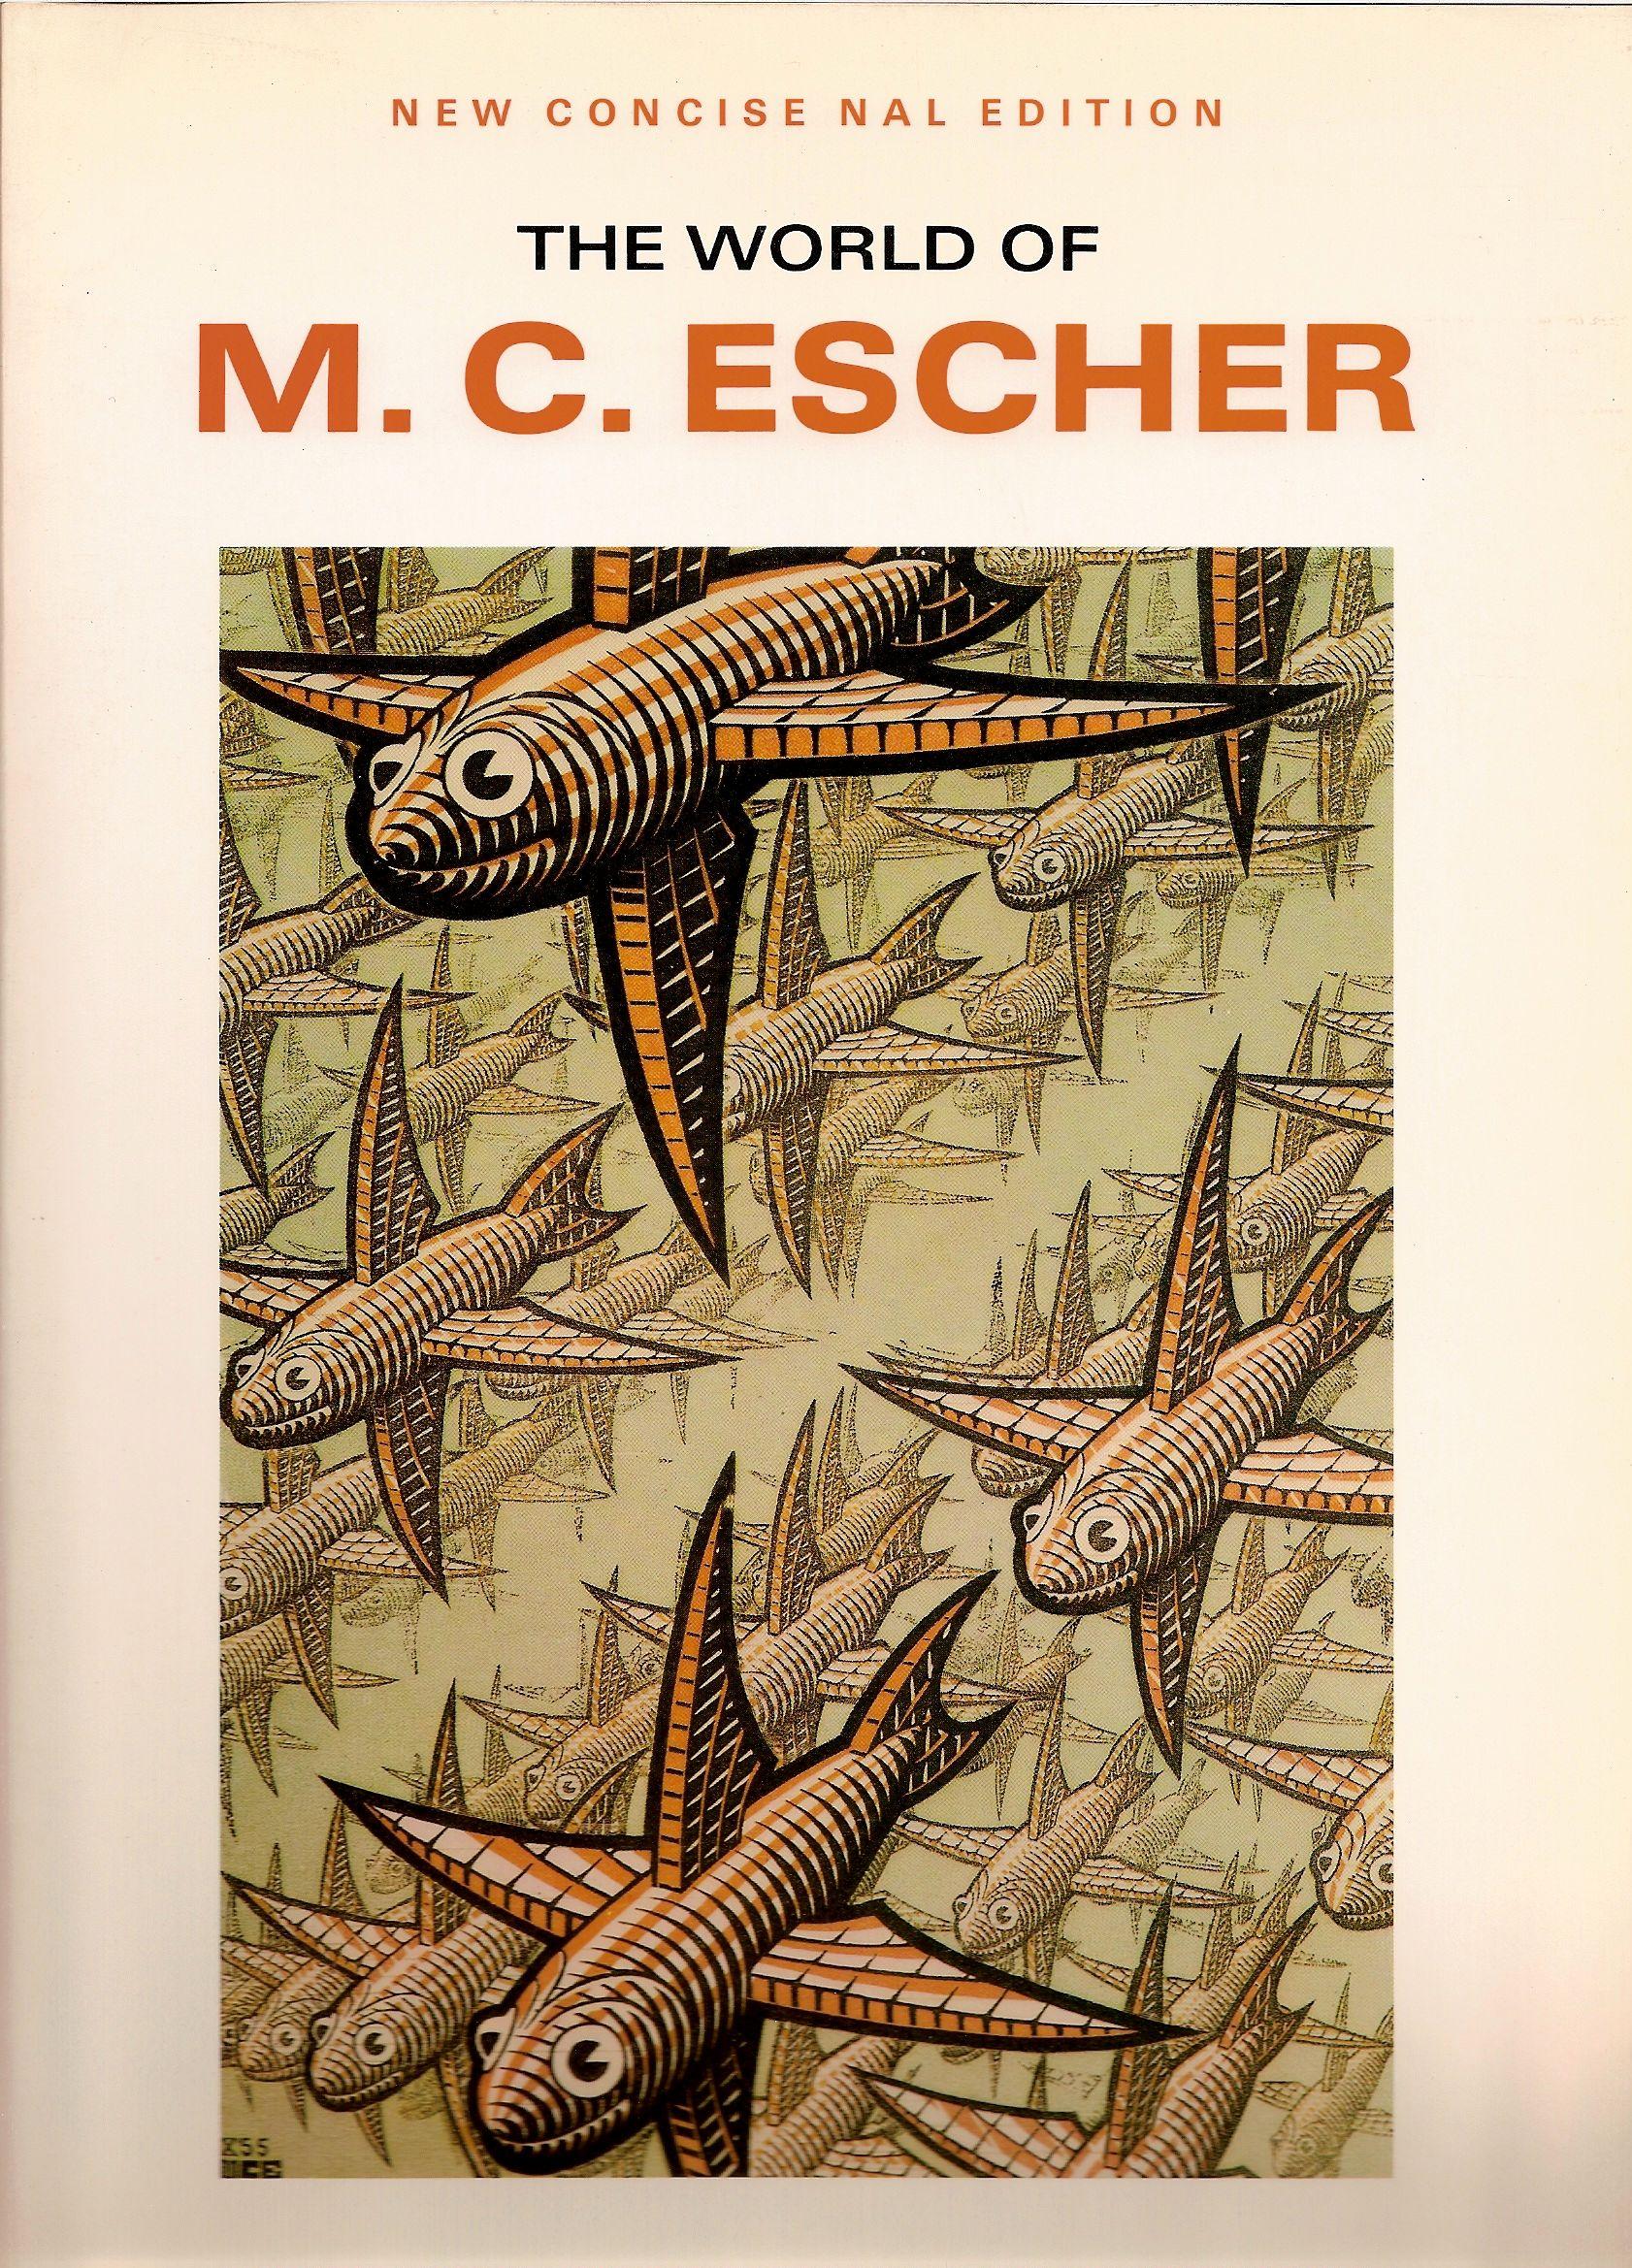 The World of M. C. Escher